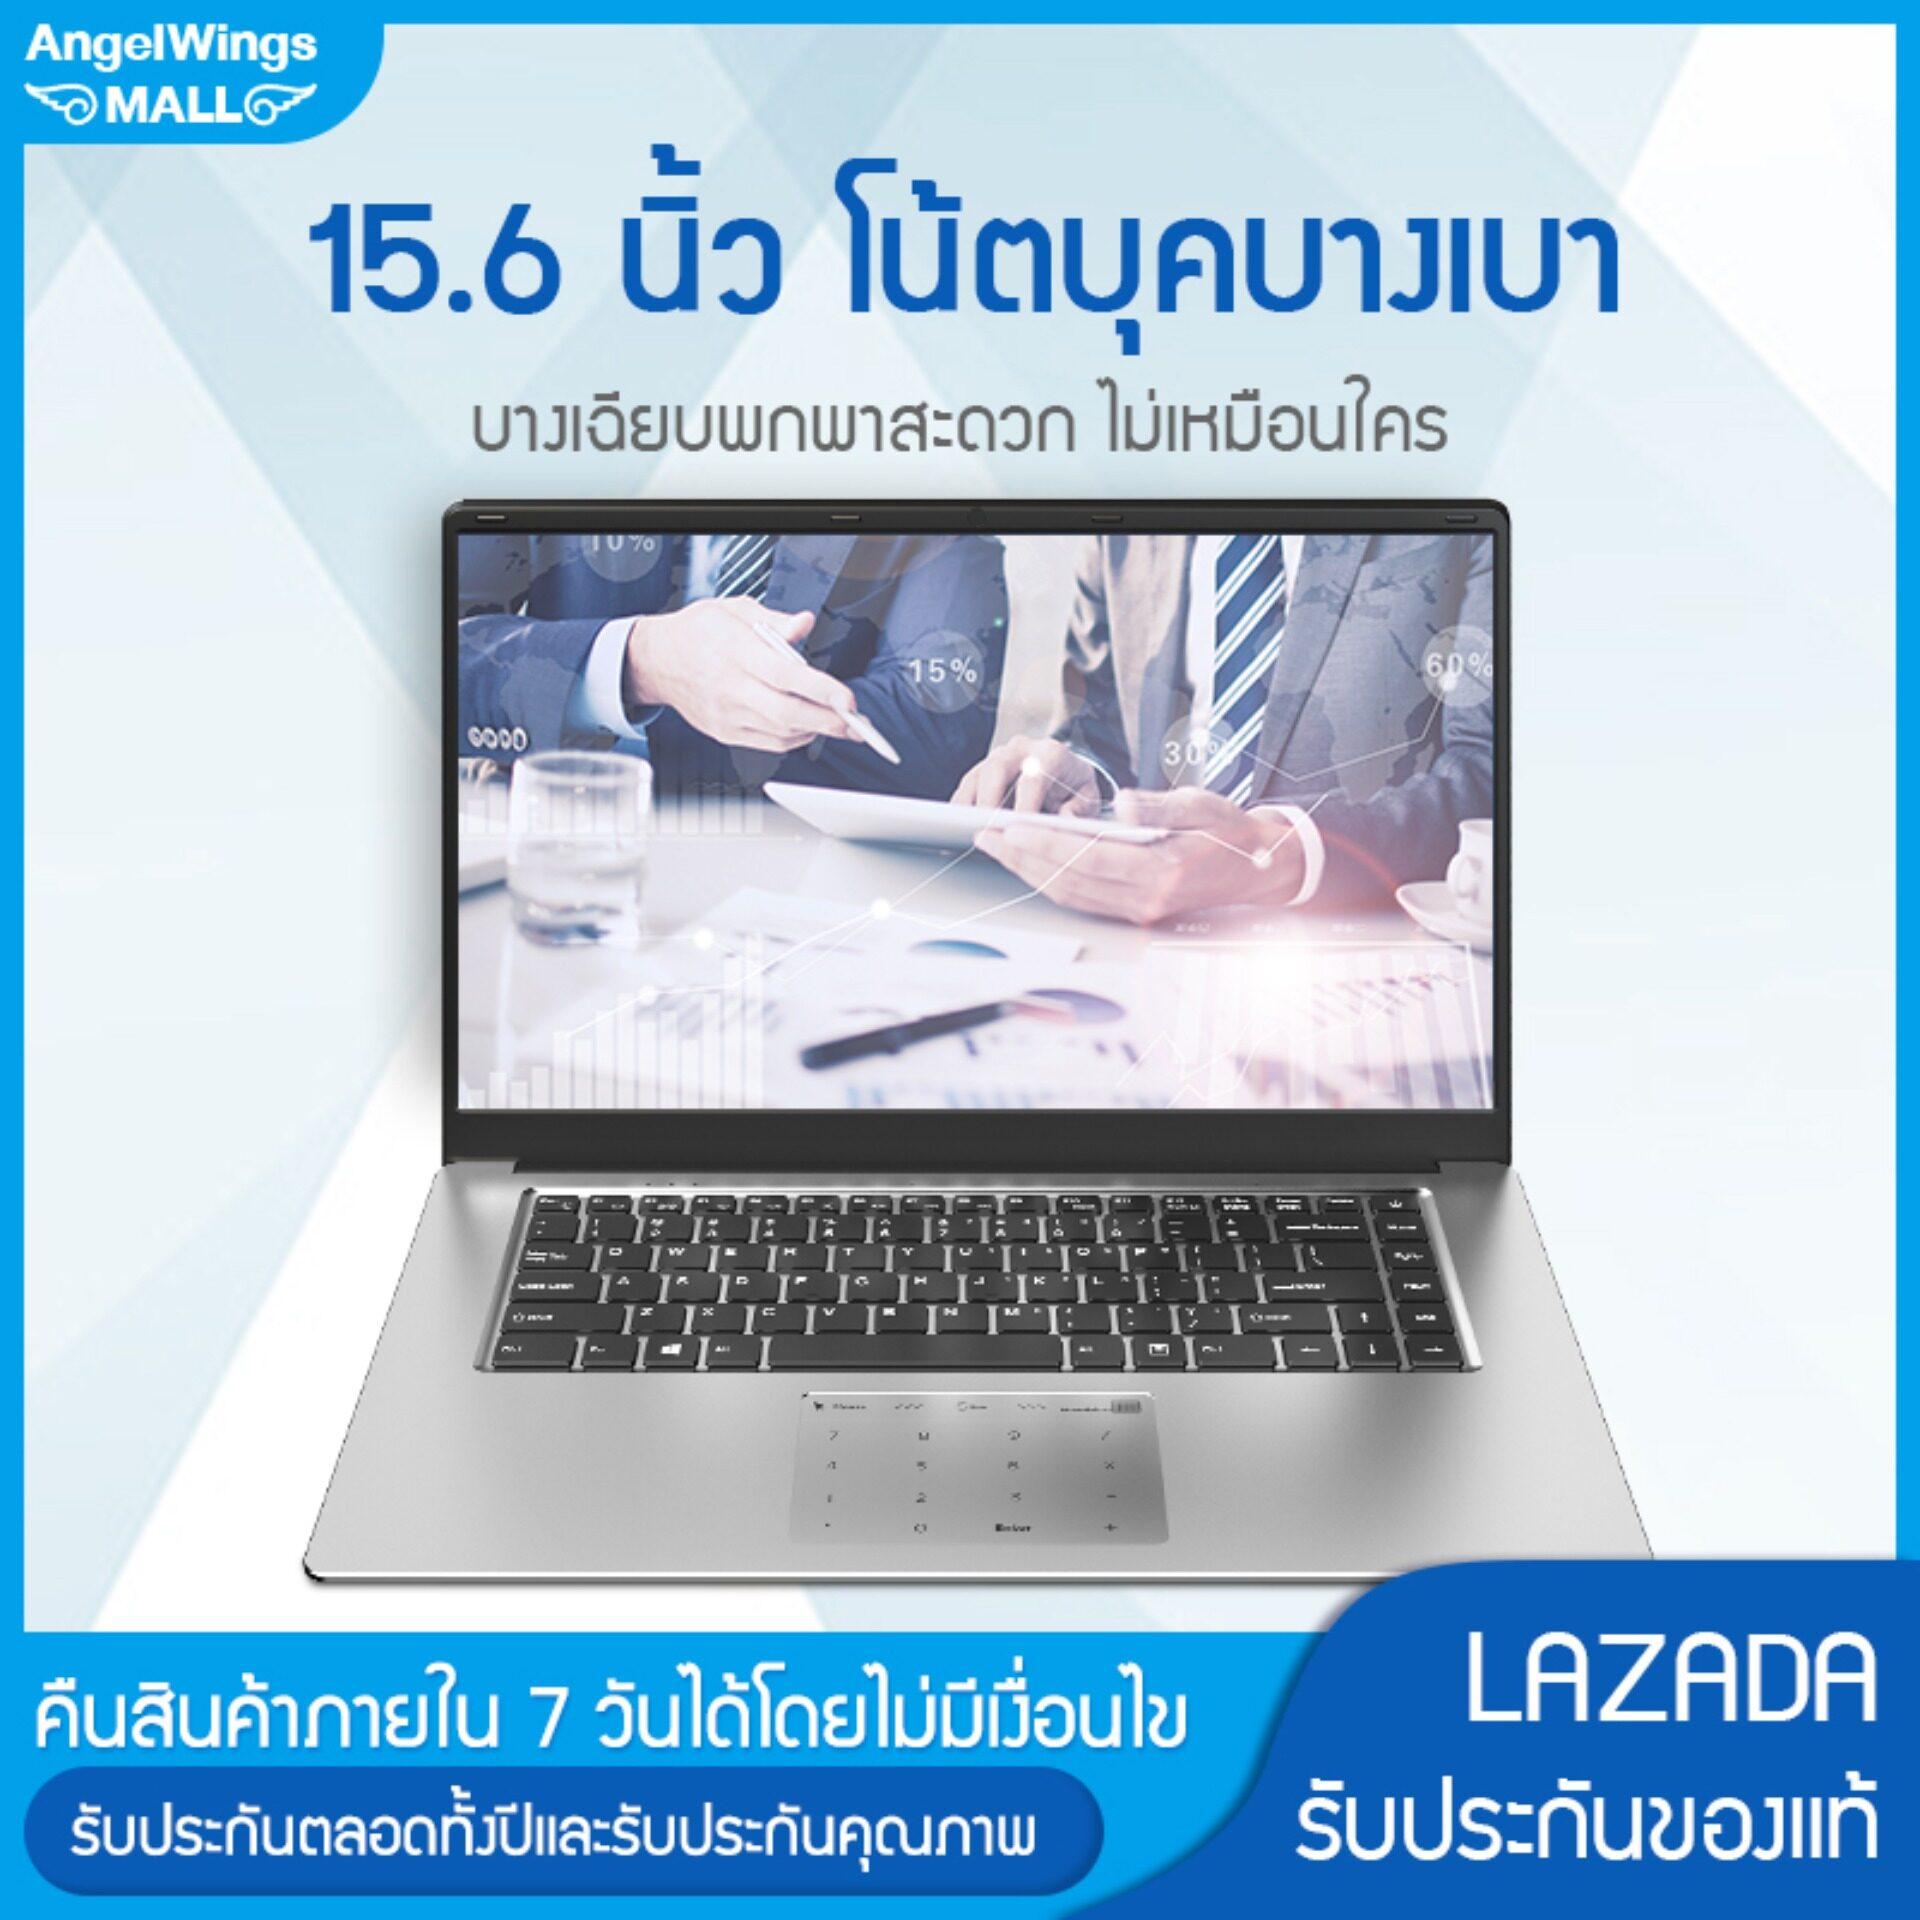 คอมพิวเตอร์โน๊ตบุ๊ค Intel J3455/j4105 ระบบภาษาไทย หน้าจอ15.6นิ้ว ความละเอียด 1920*1080 Ram8g Ssd128g แถมฟรีสติ๊กเกอร์แปะคีย์บอร์ดภาษาไทย.